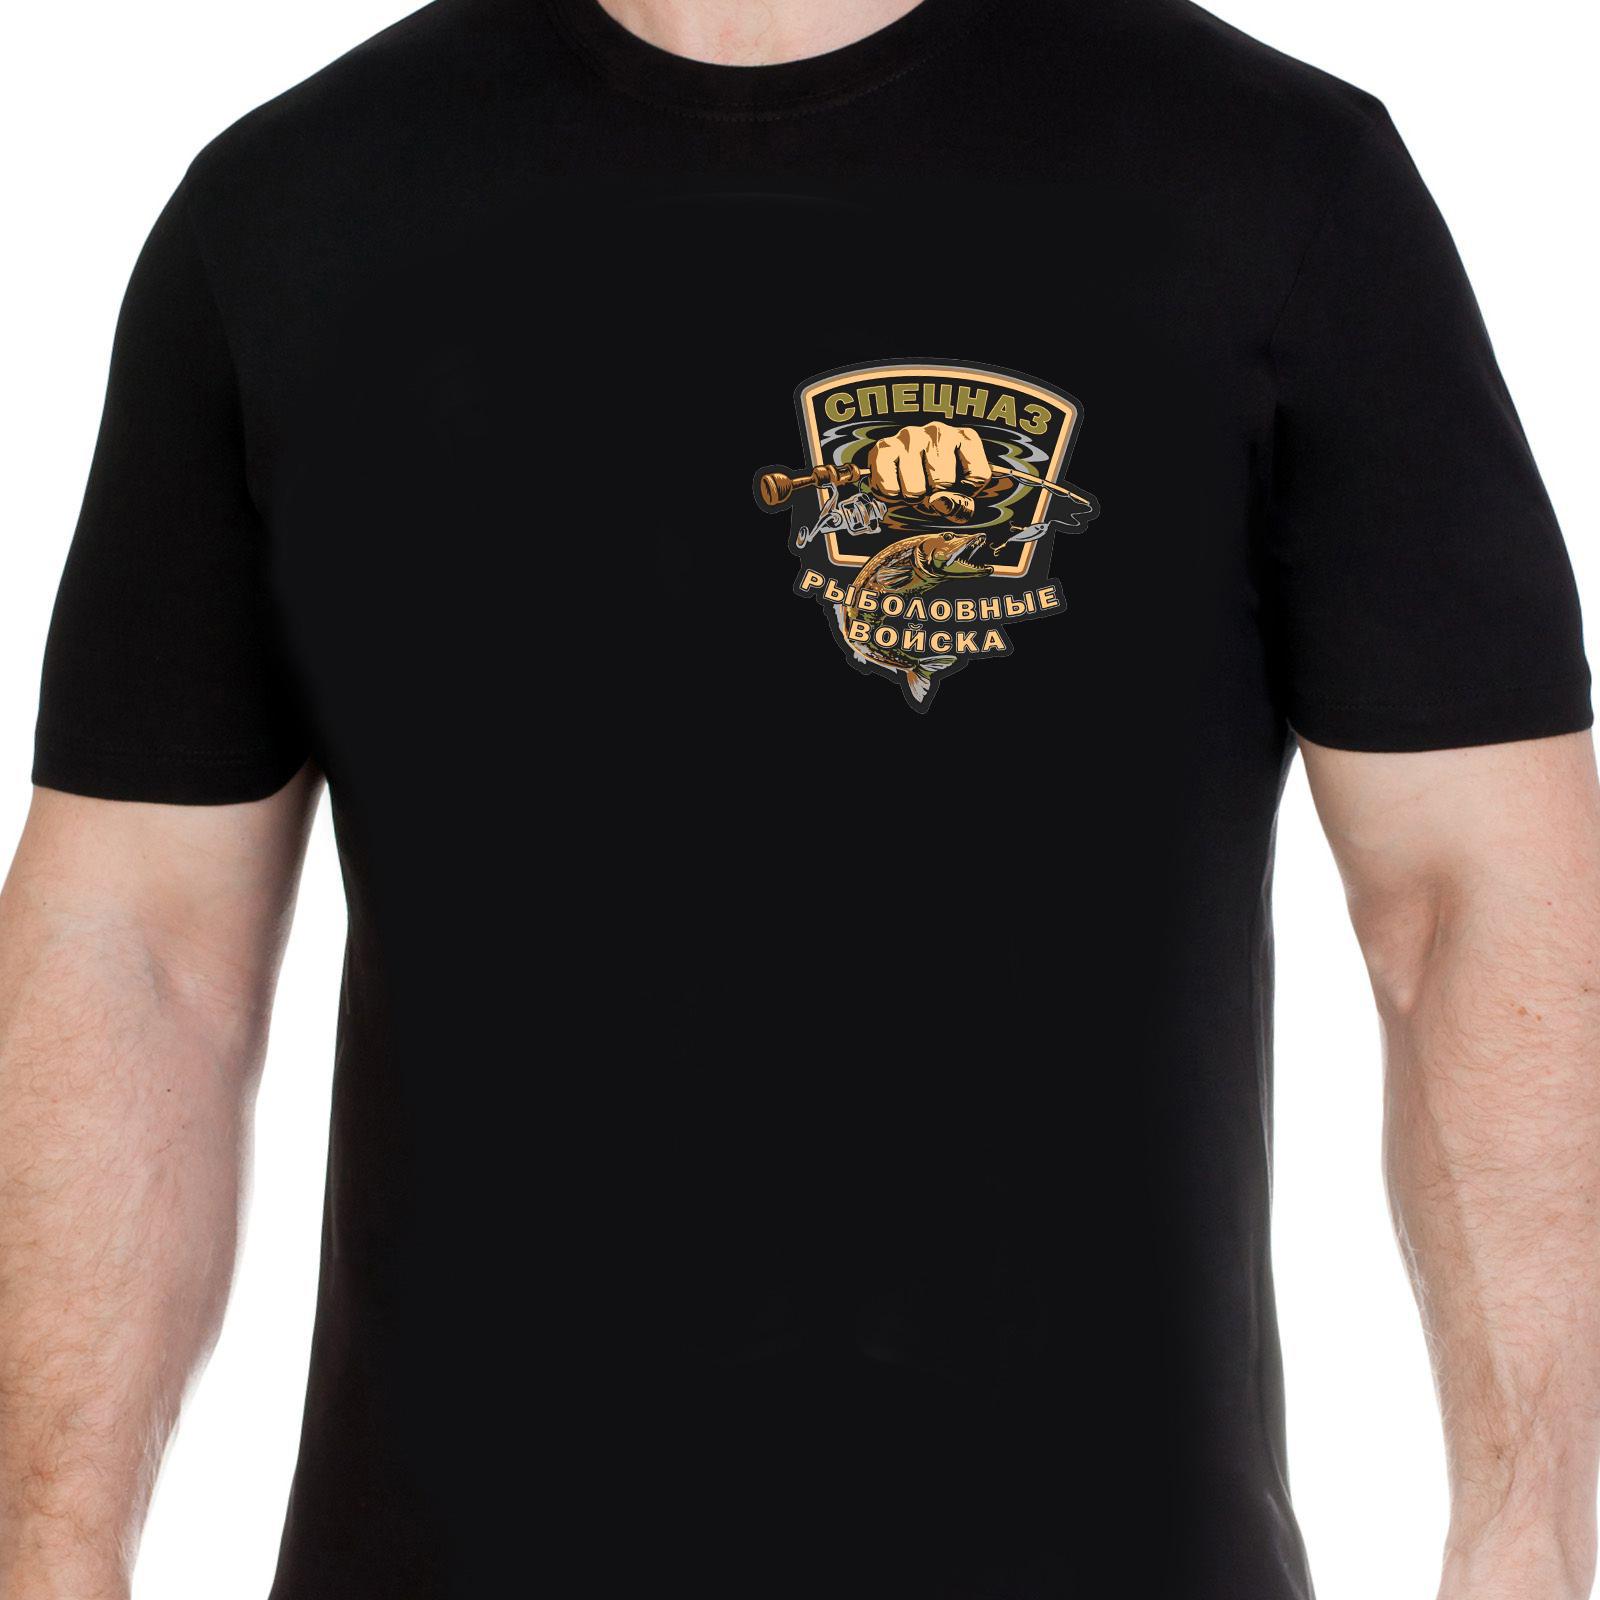 Мужская футболка с тематическим принтом - купить онлайн